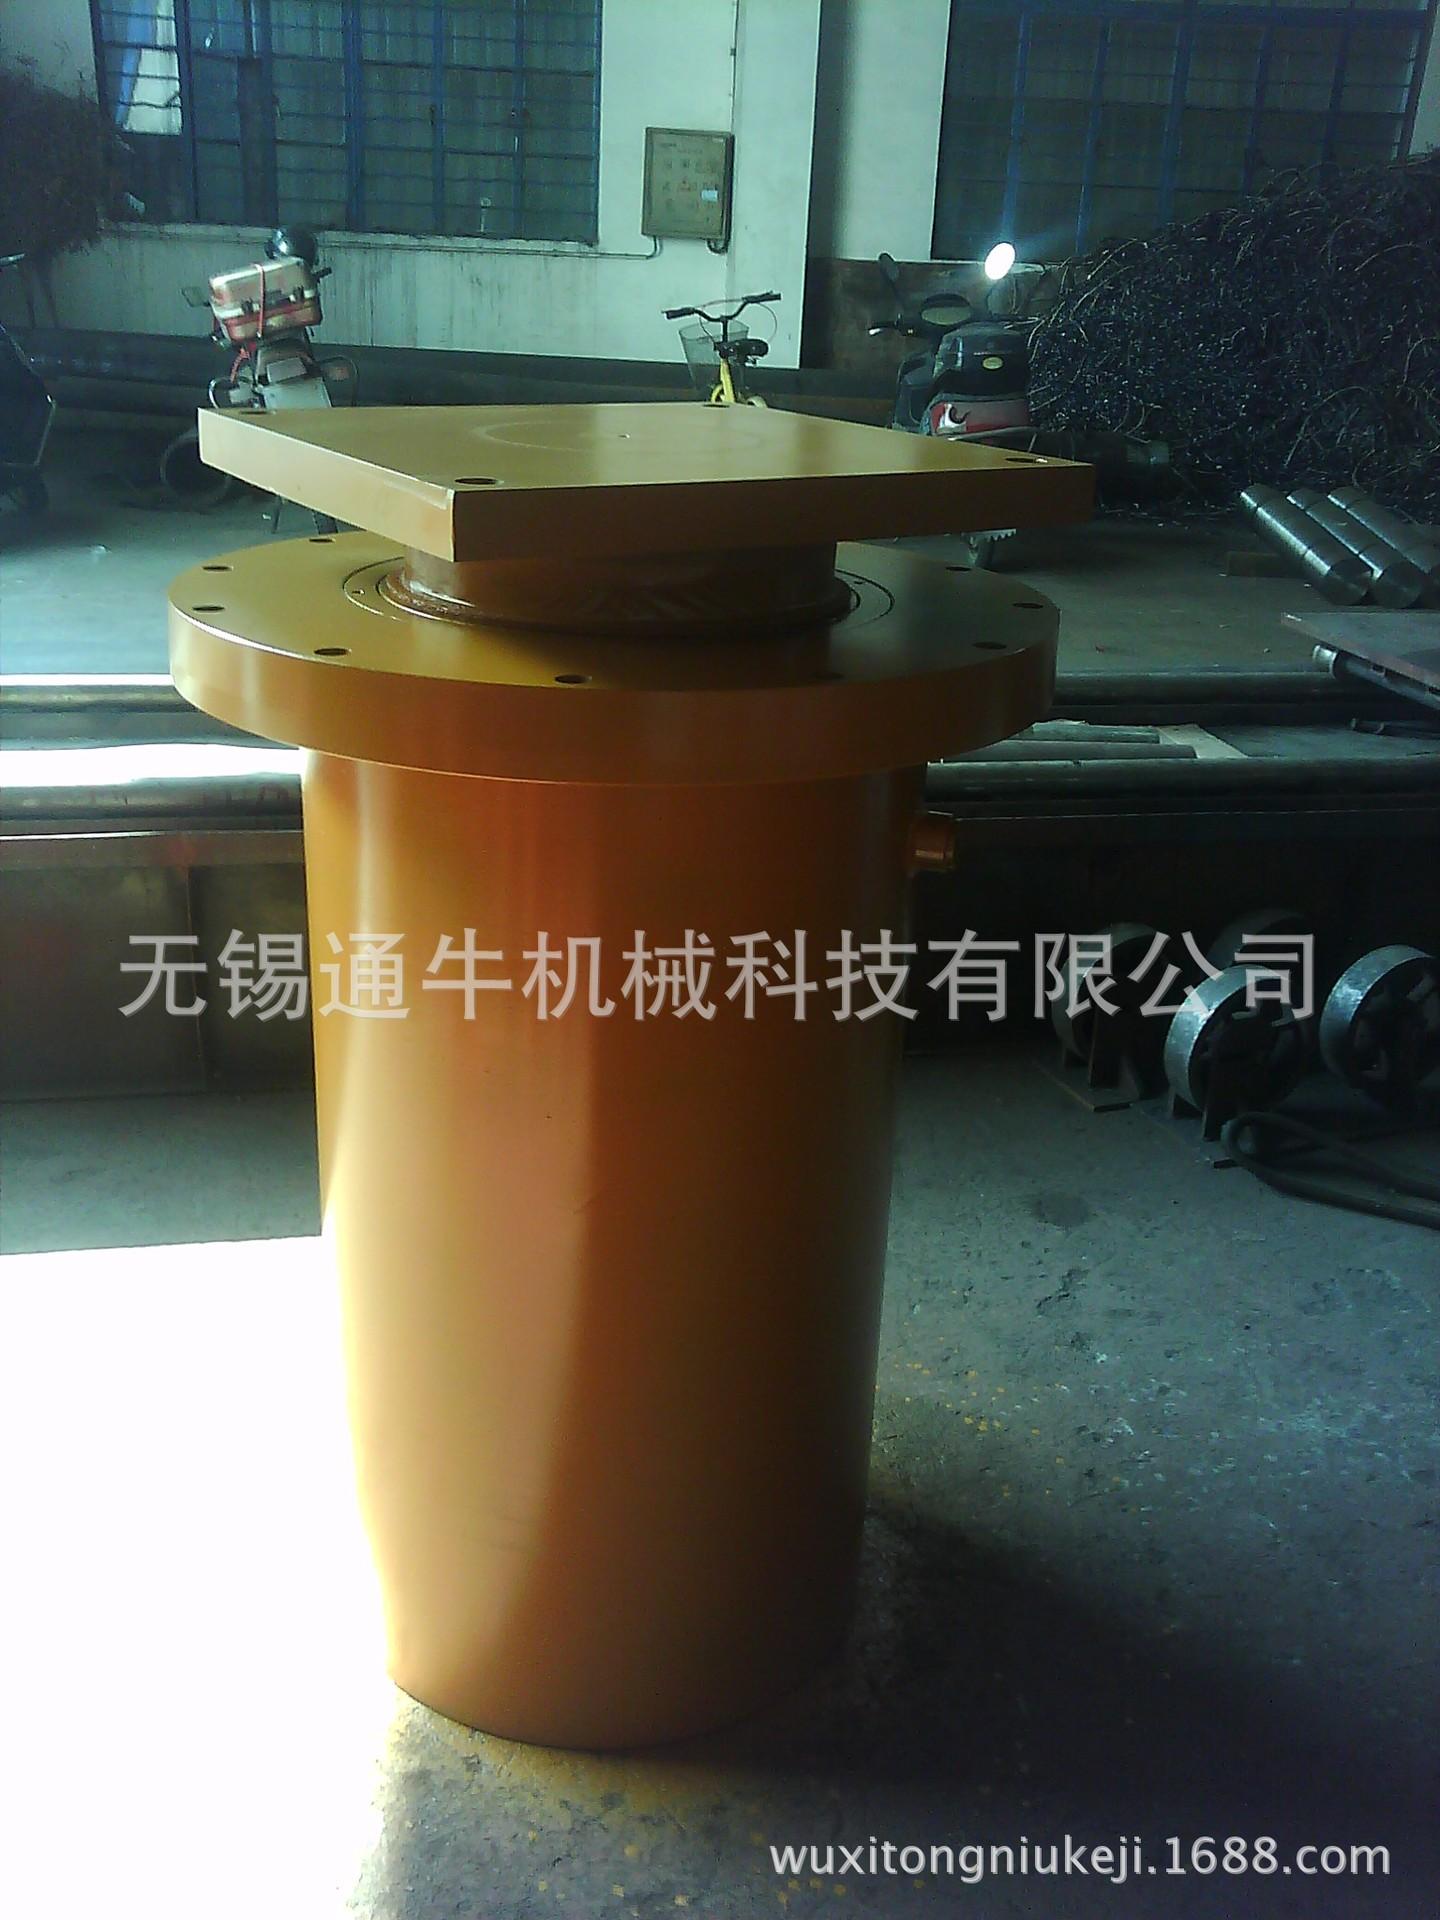 供应各种规格的油缸、液压缸、液压油缸、千斤顶、密封件